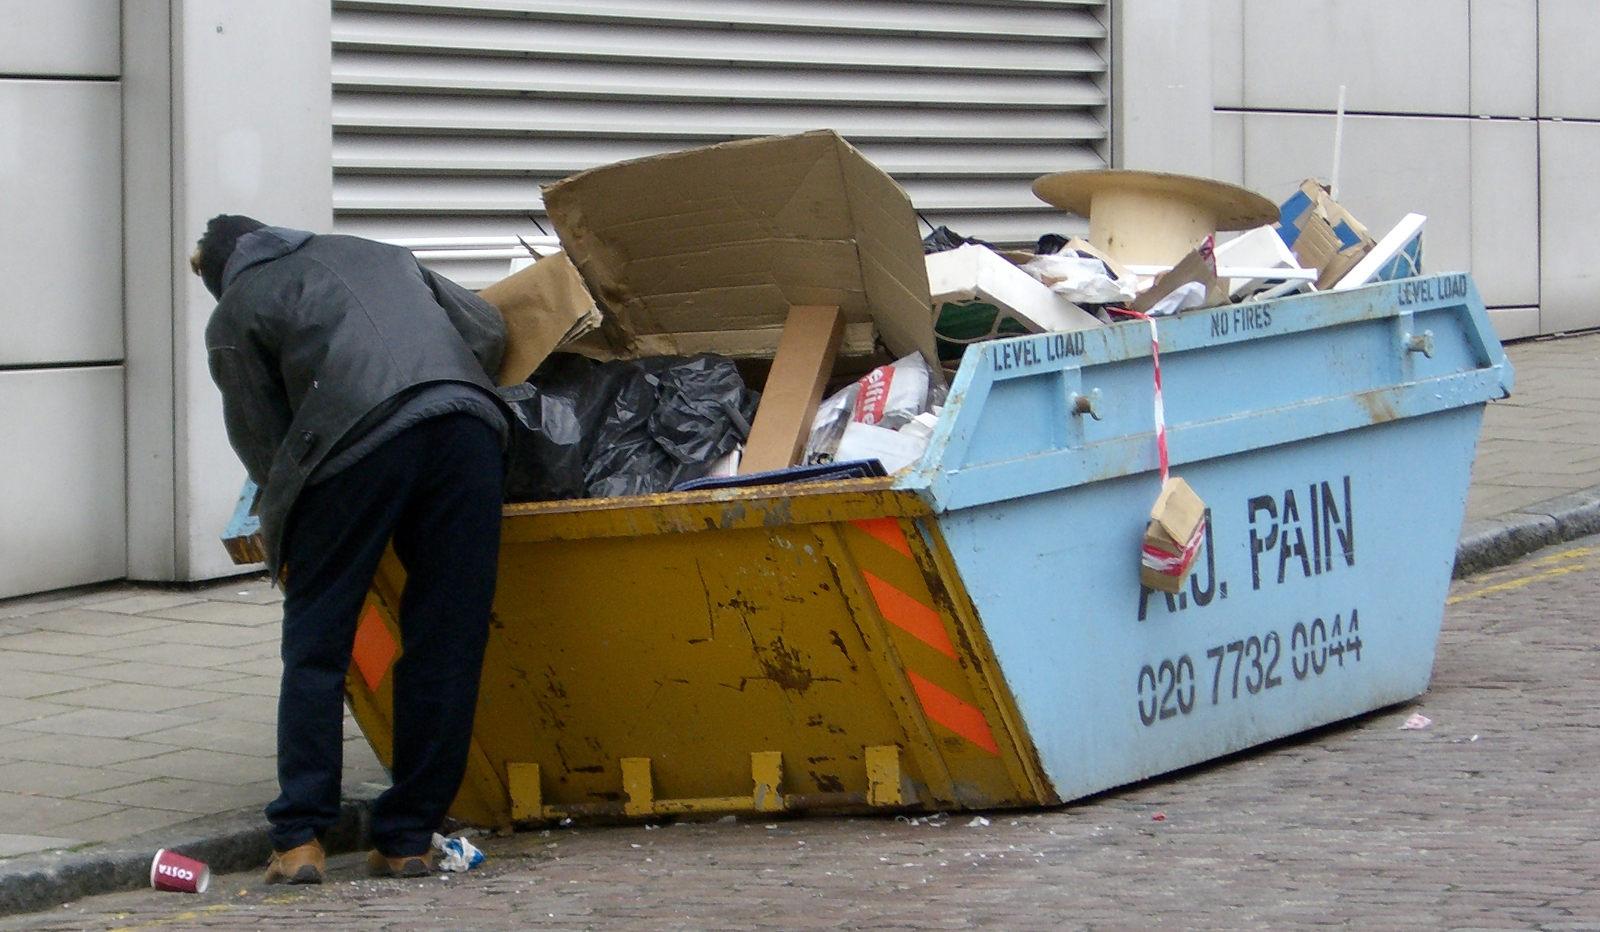 Immagine di un barbone che fruga nel'immondizia: Tecnica Dumpster Diving